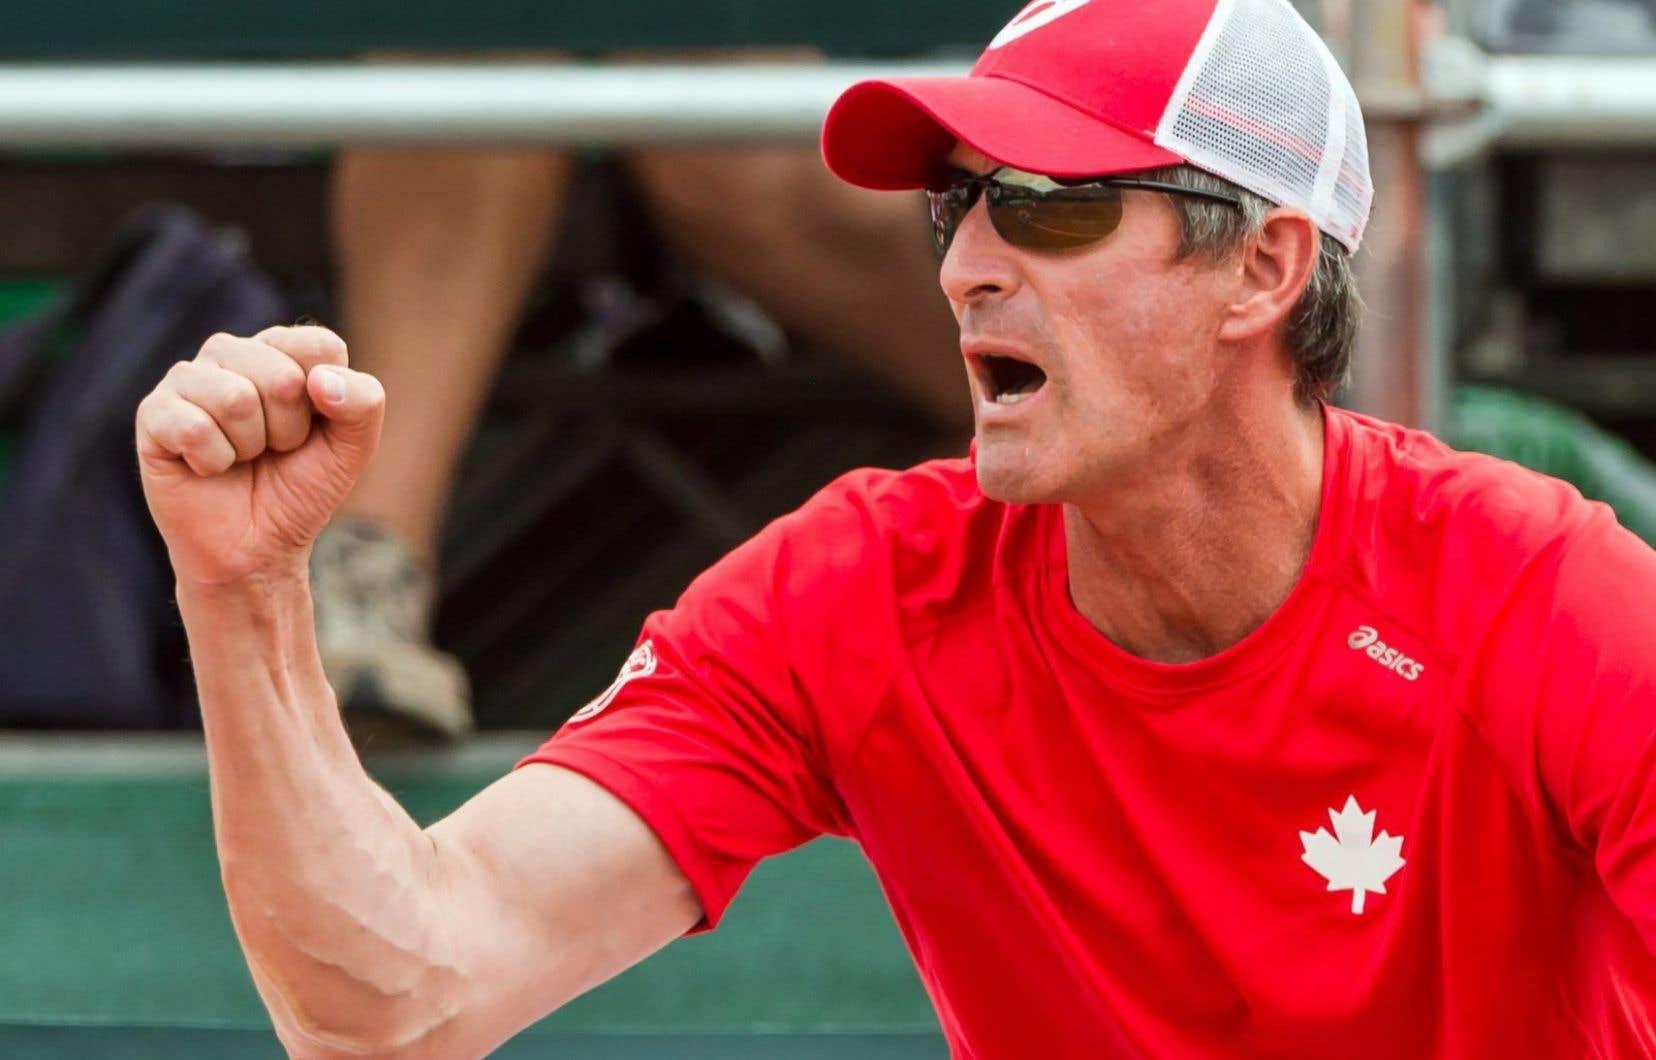 Le capitaine de l'équipe canadienne de tennis, Martin Laurendeau